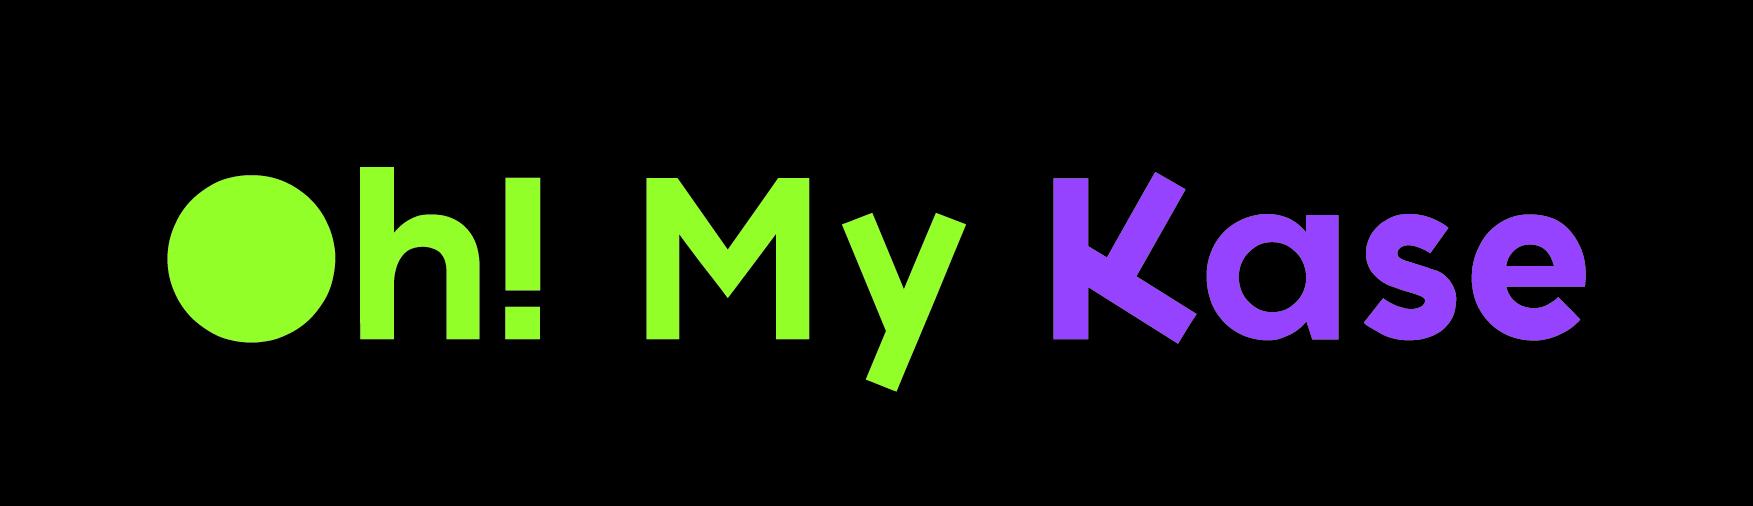 Logo comerç Oh! My kase